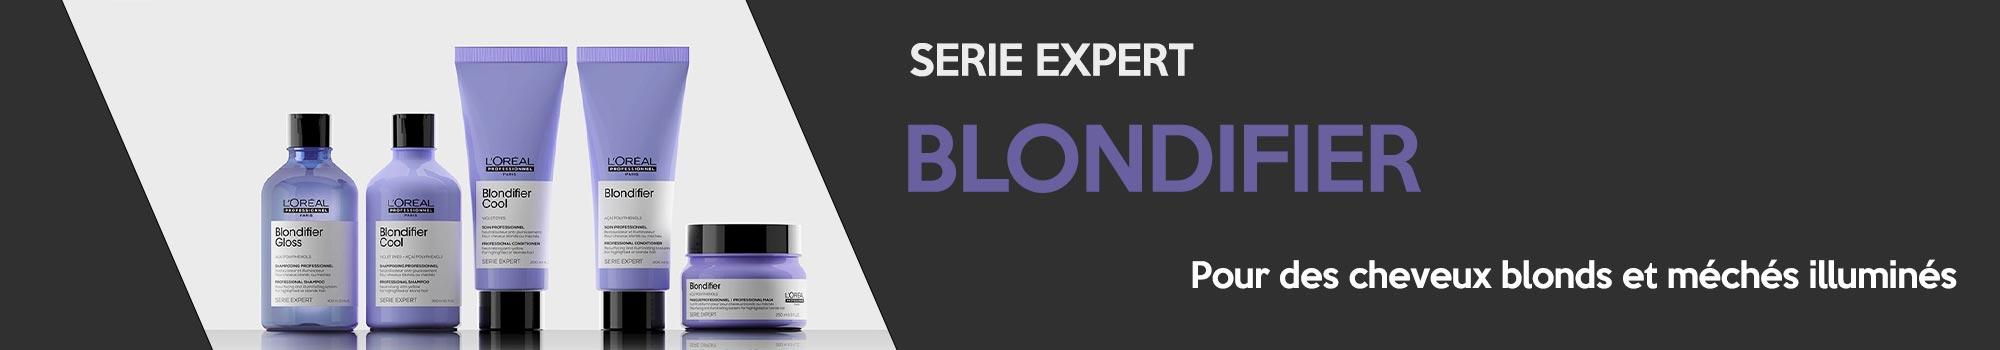 L'Oréal Professionnel Blondifier